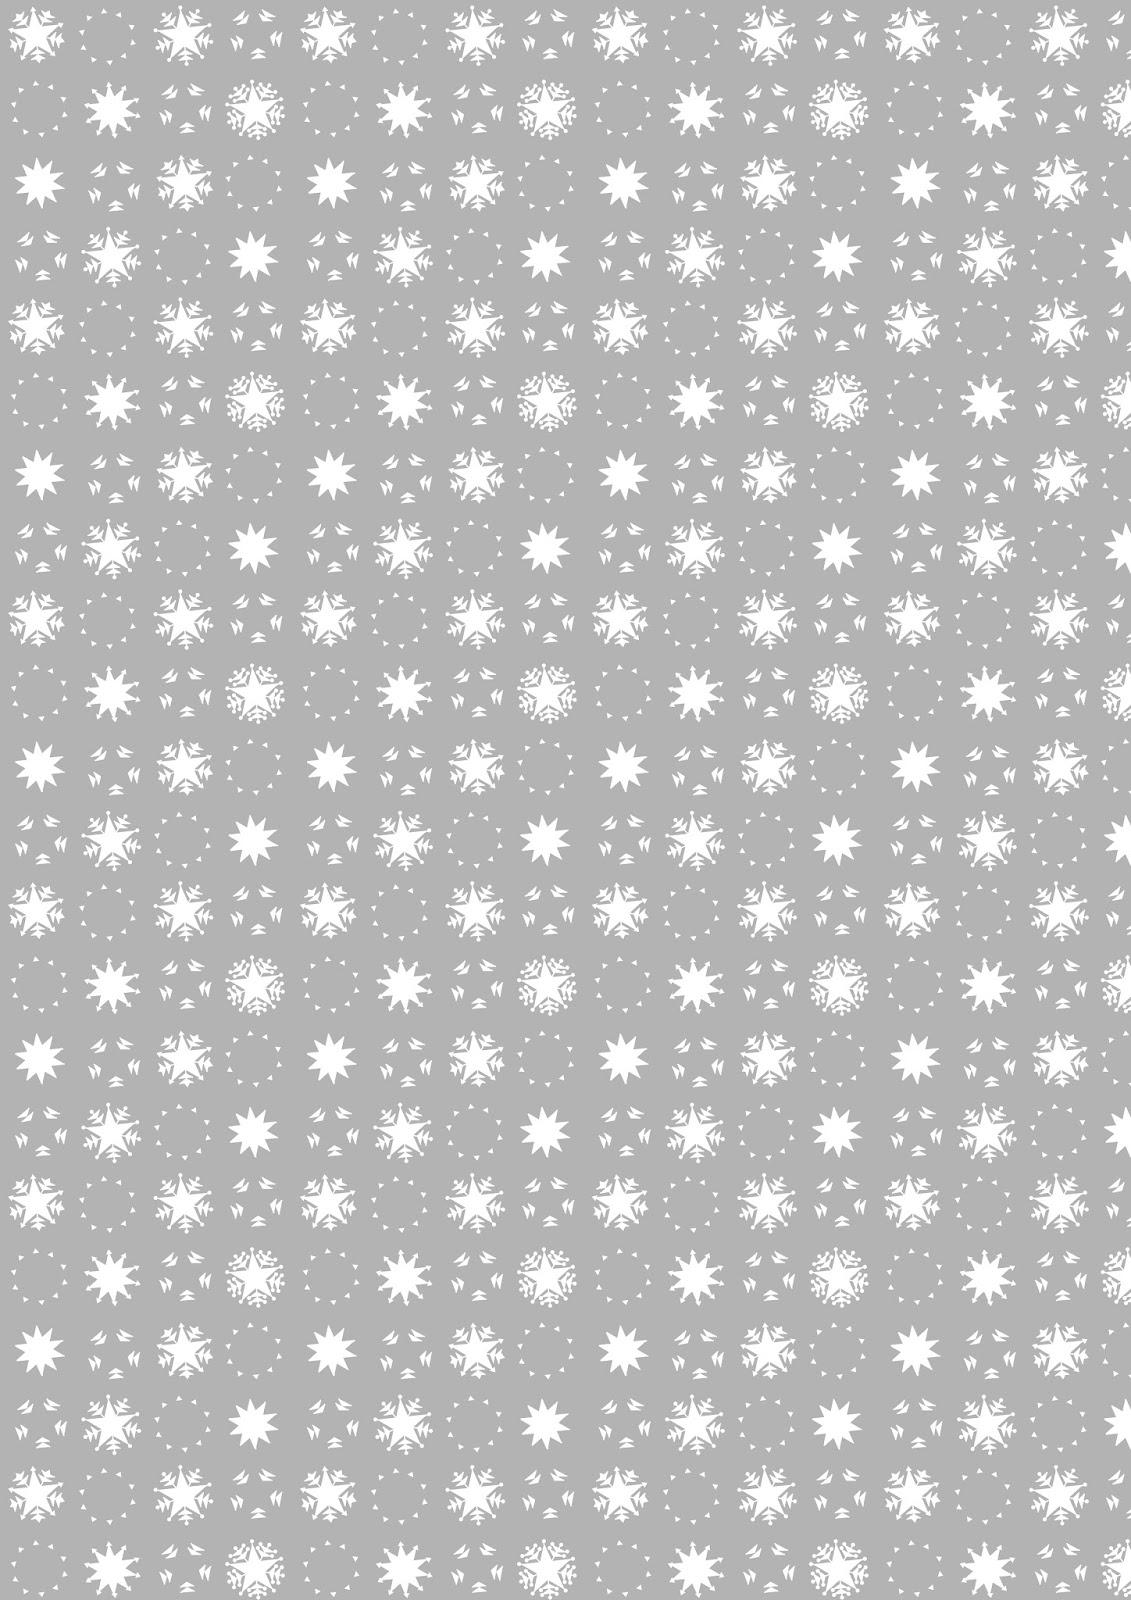 free printable snowflake pattern paper din a4